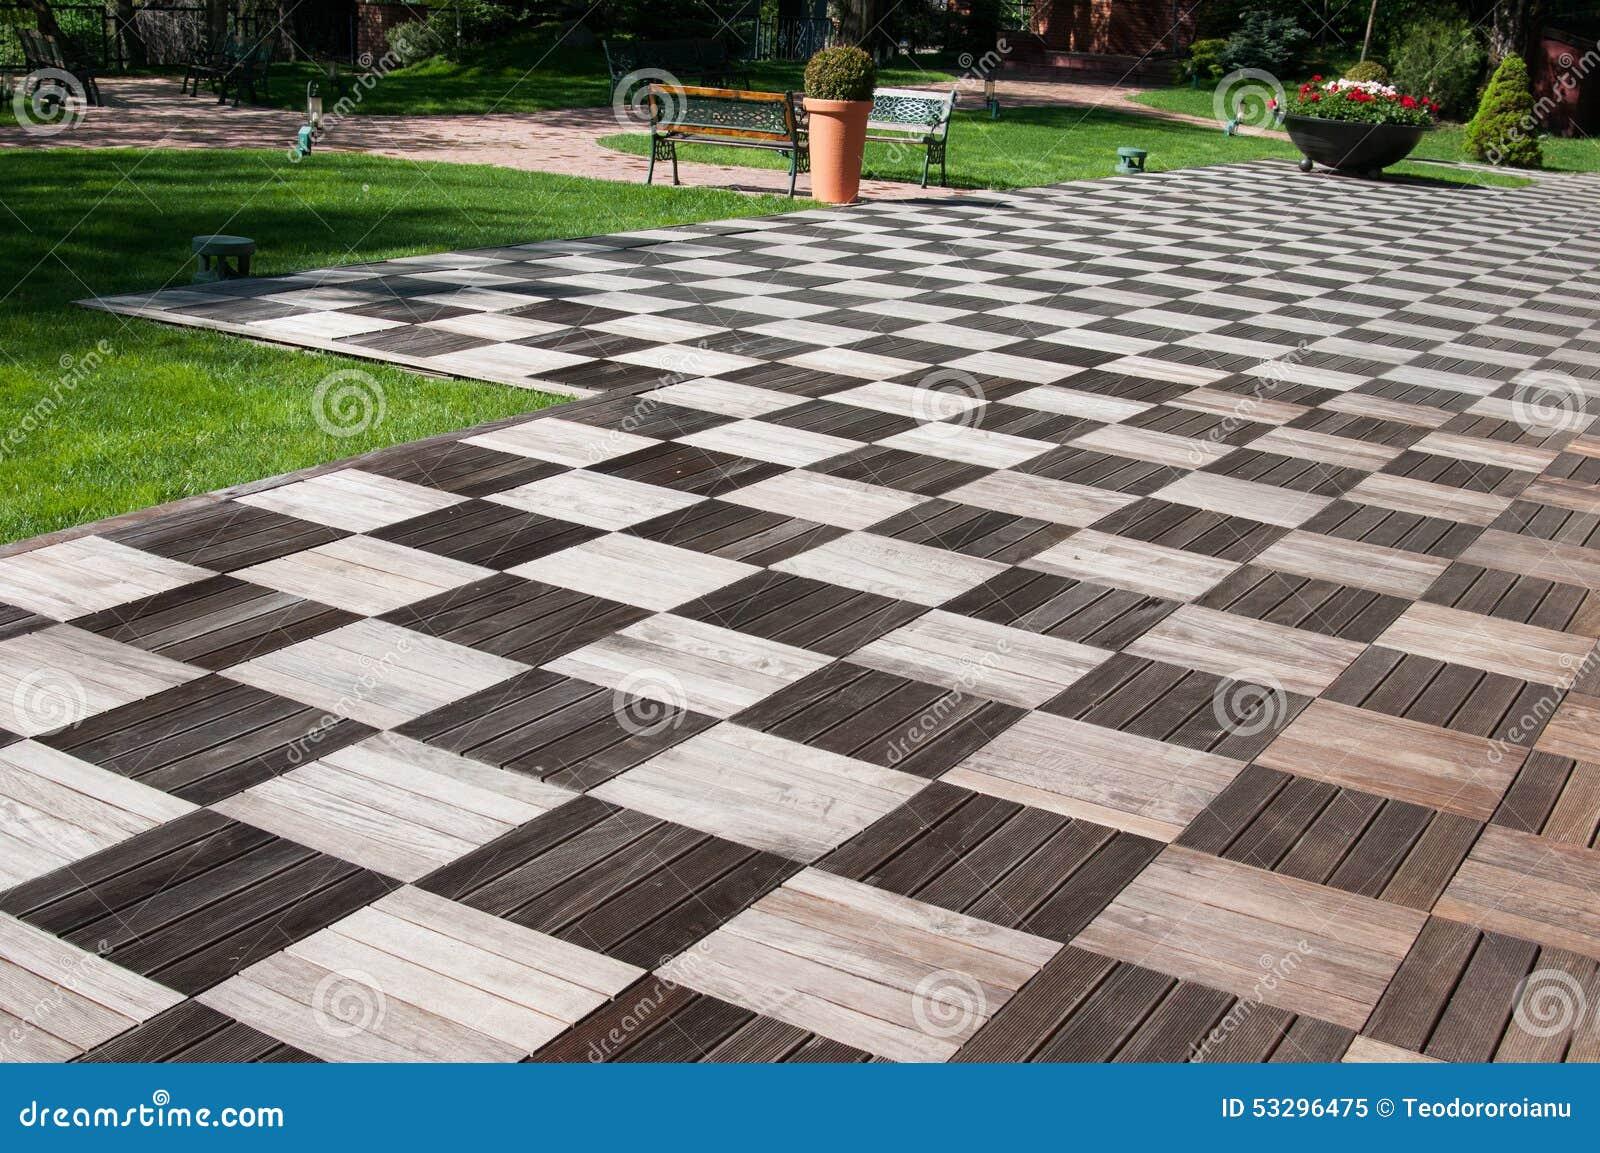 Pavimento da madeira do jardim imagem de stock imagem - Pavimento de exterior ...